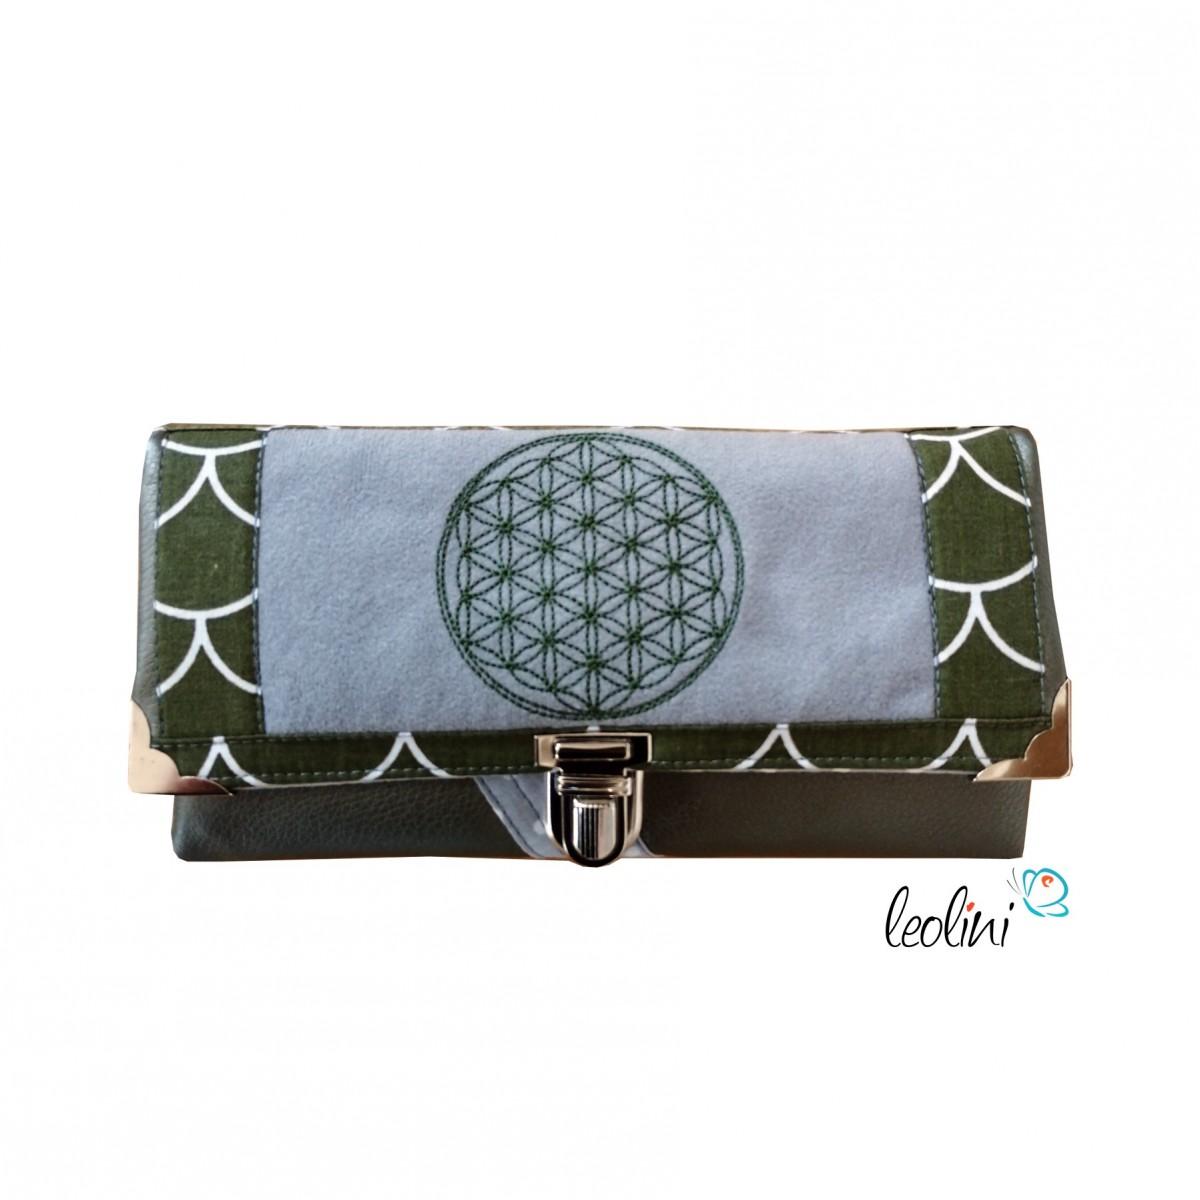 Großes Portemonnaie mit Blume des Lebens Stickerei khaki